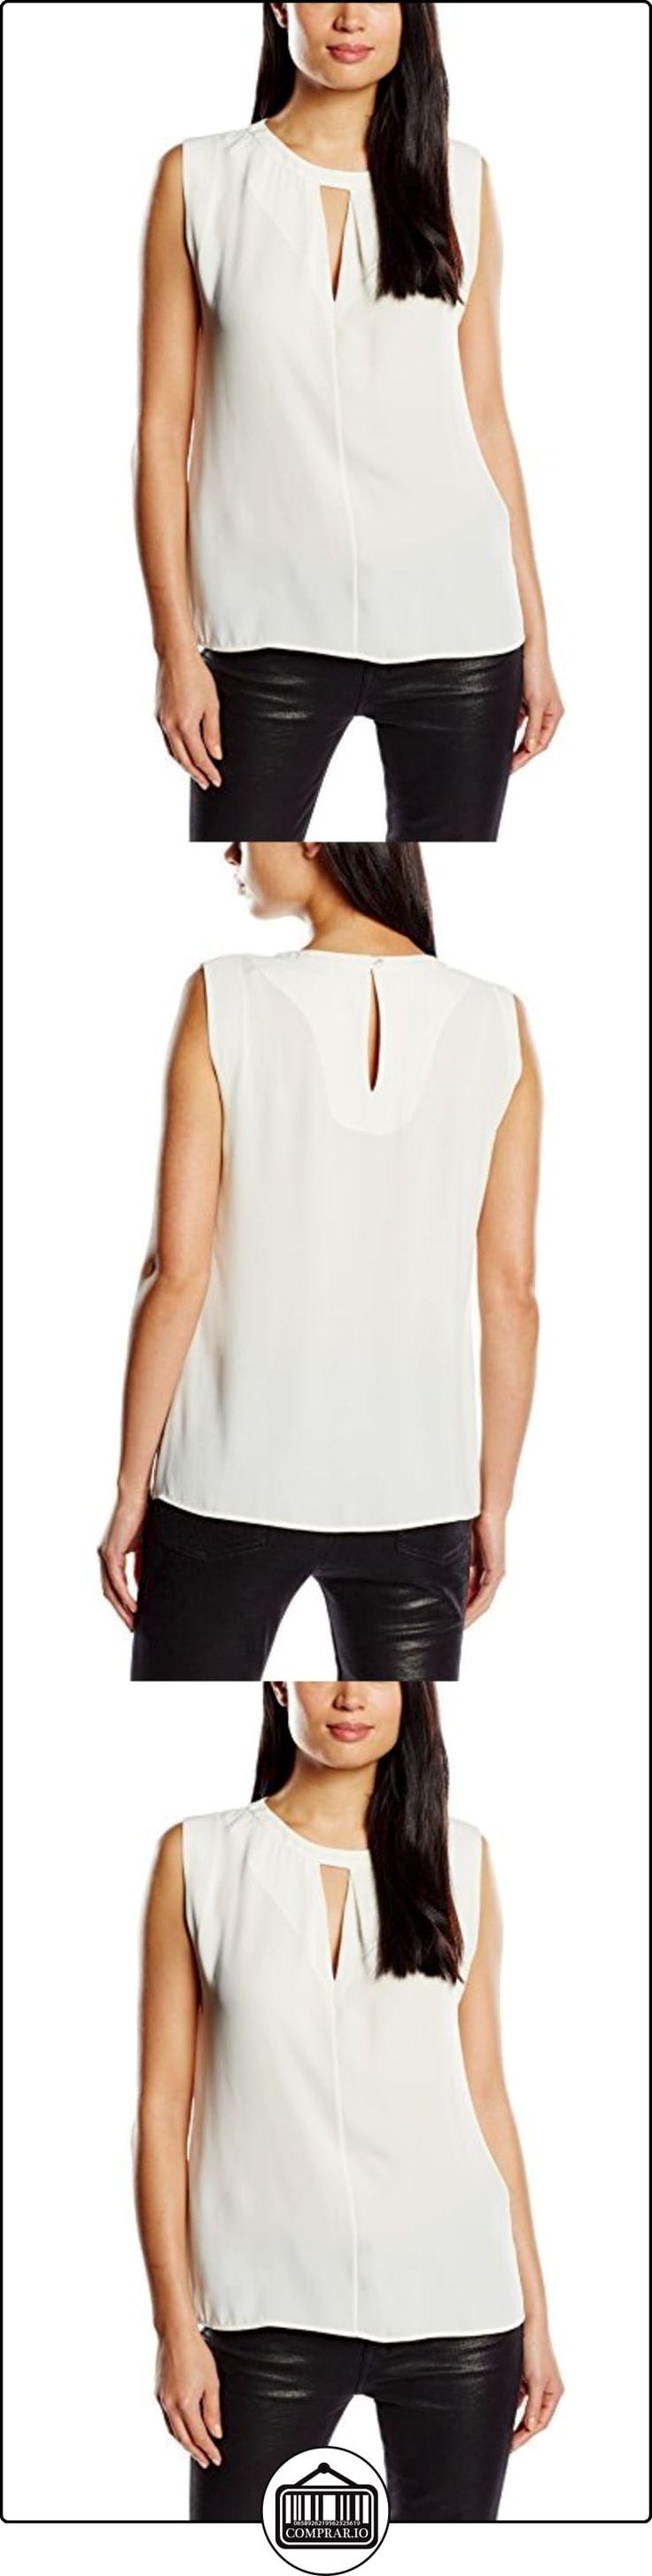 Roberto Verino, Top beige - Blusa para mujer, color beige / 02, talla M  ✿ Blusas y camisas ✿